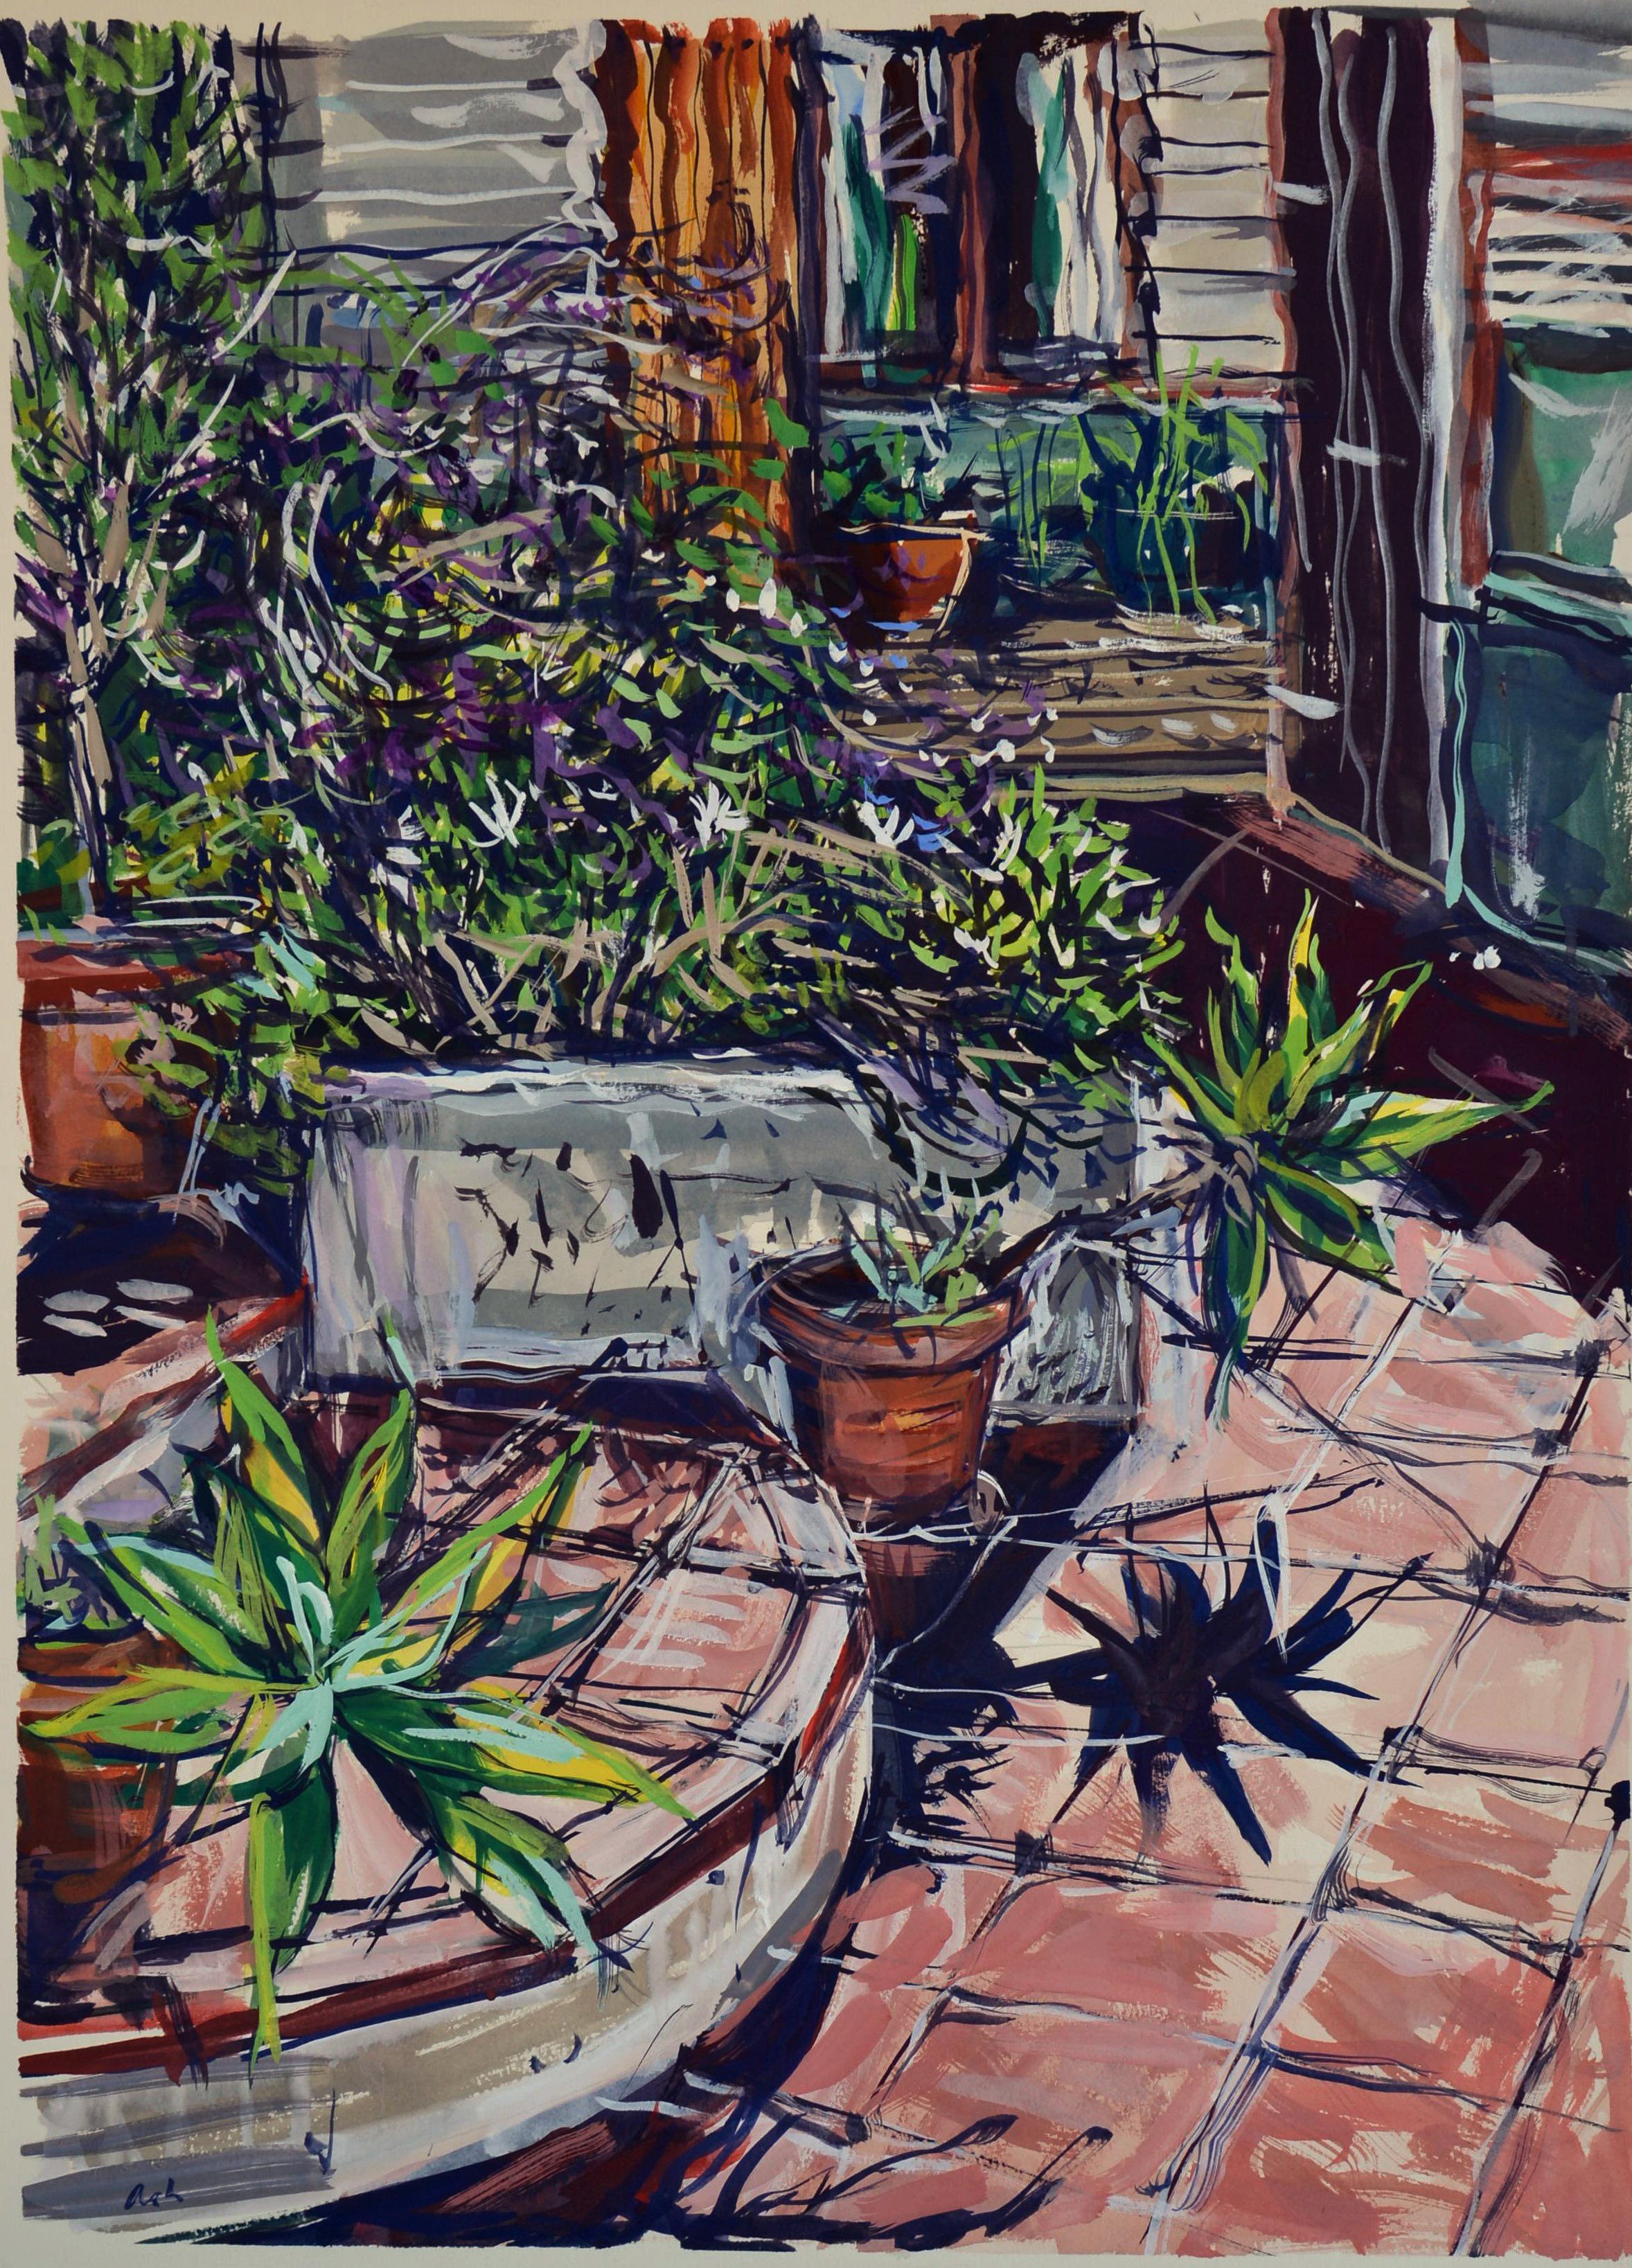 Garden in the sun  ( 1 ), 2017, gouache on rag paper,76 x 56cm